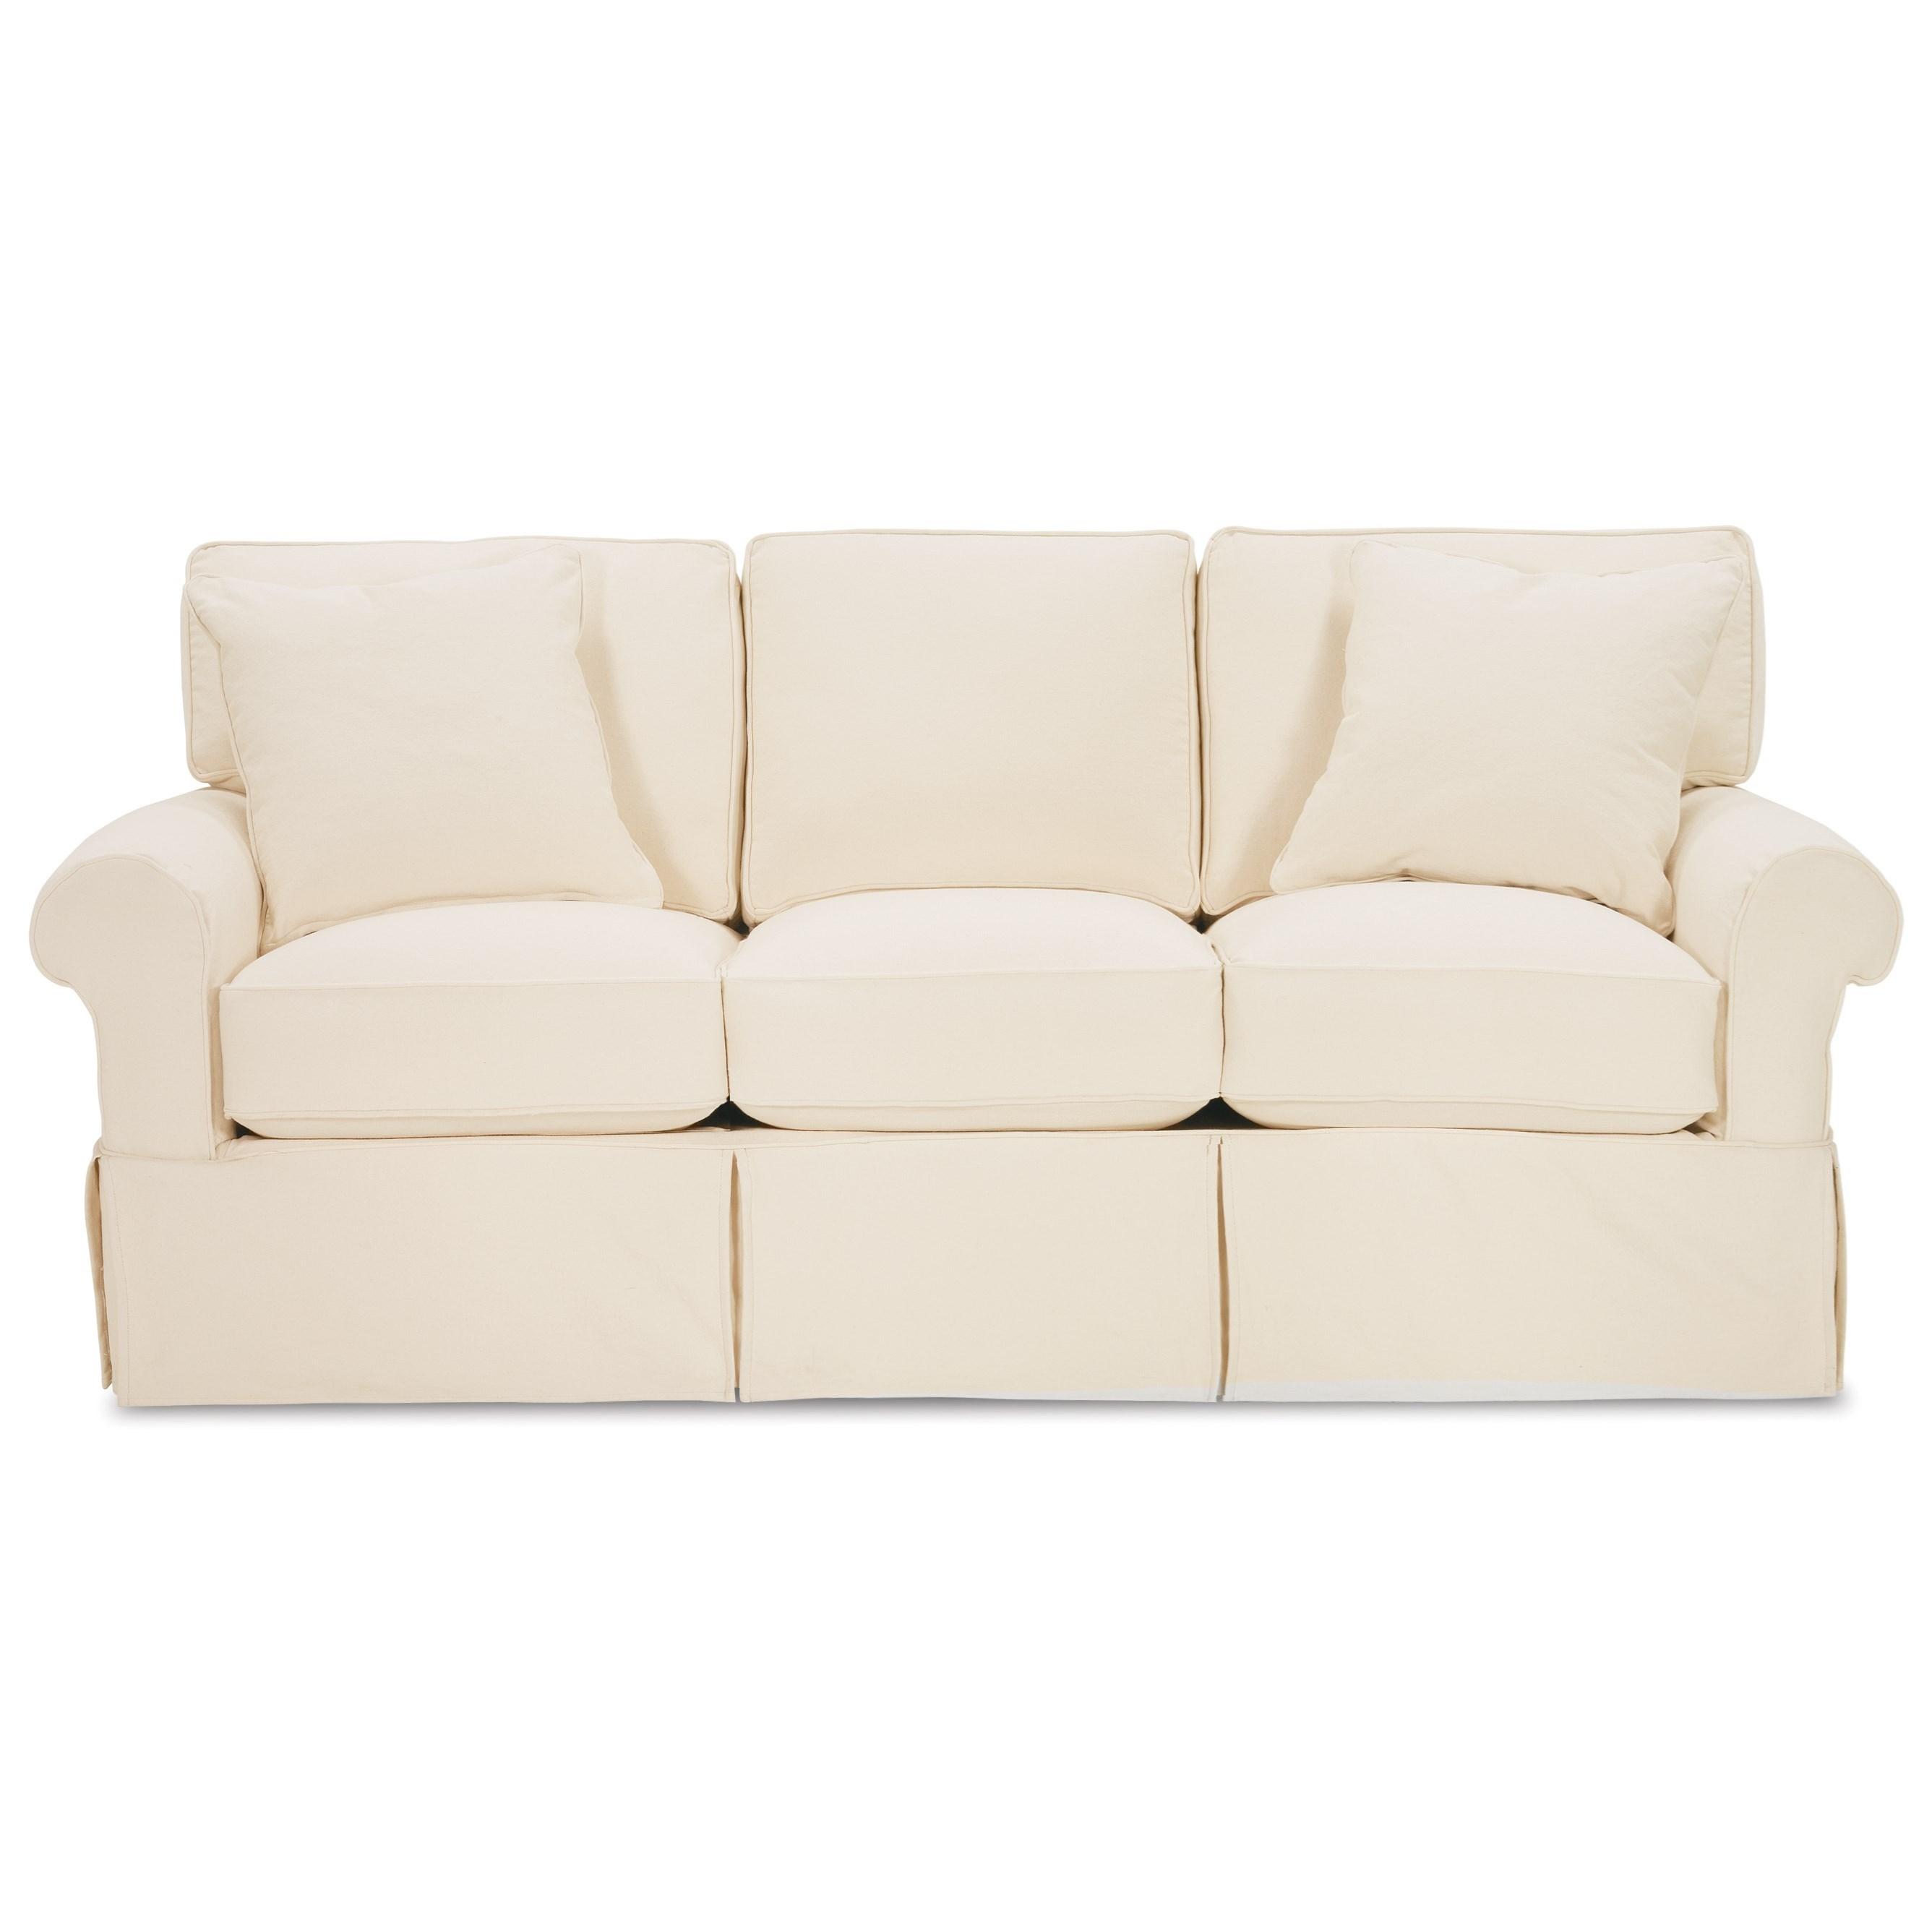 Rowe Nantucket Queen Sofa Sleeper Reeds Furniture